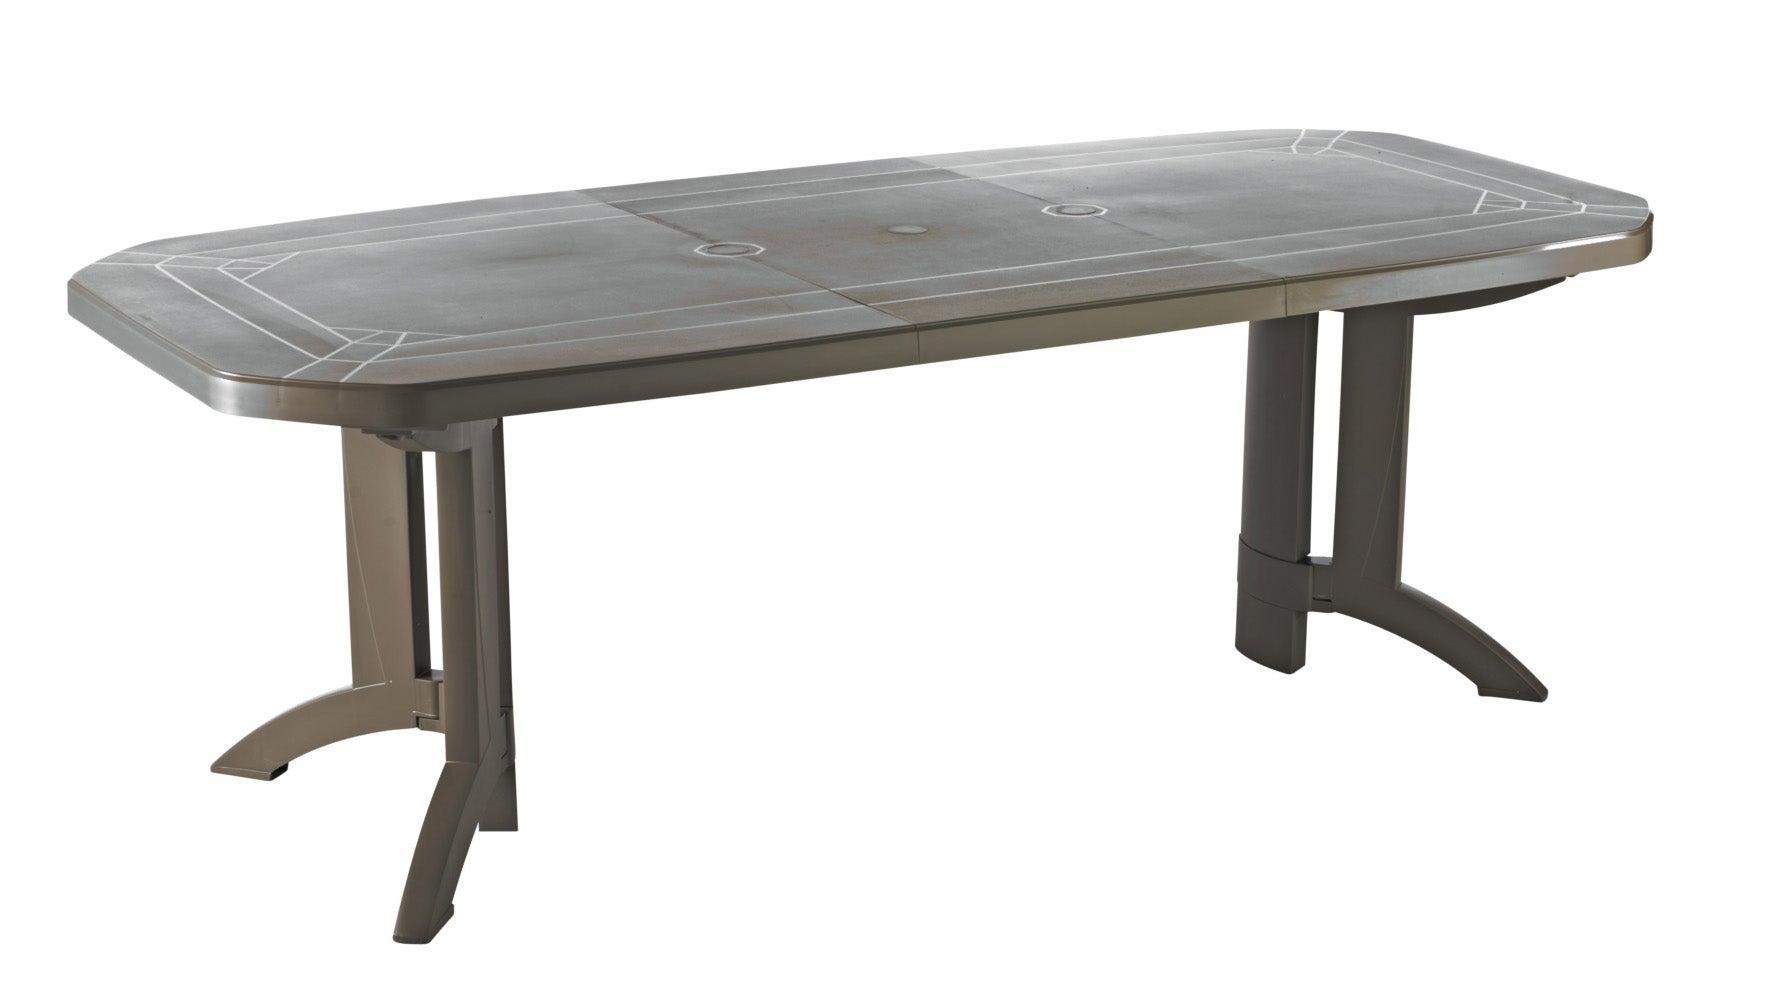 Table de jardin de repas GROSFILLEX Véga rectangulaire taupe 7